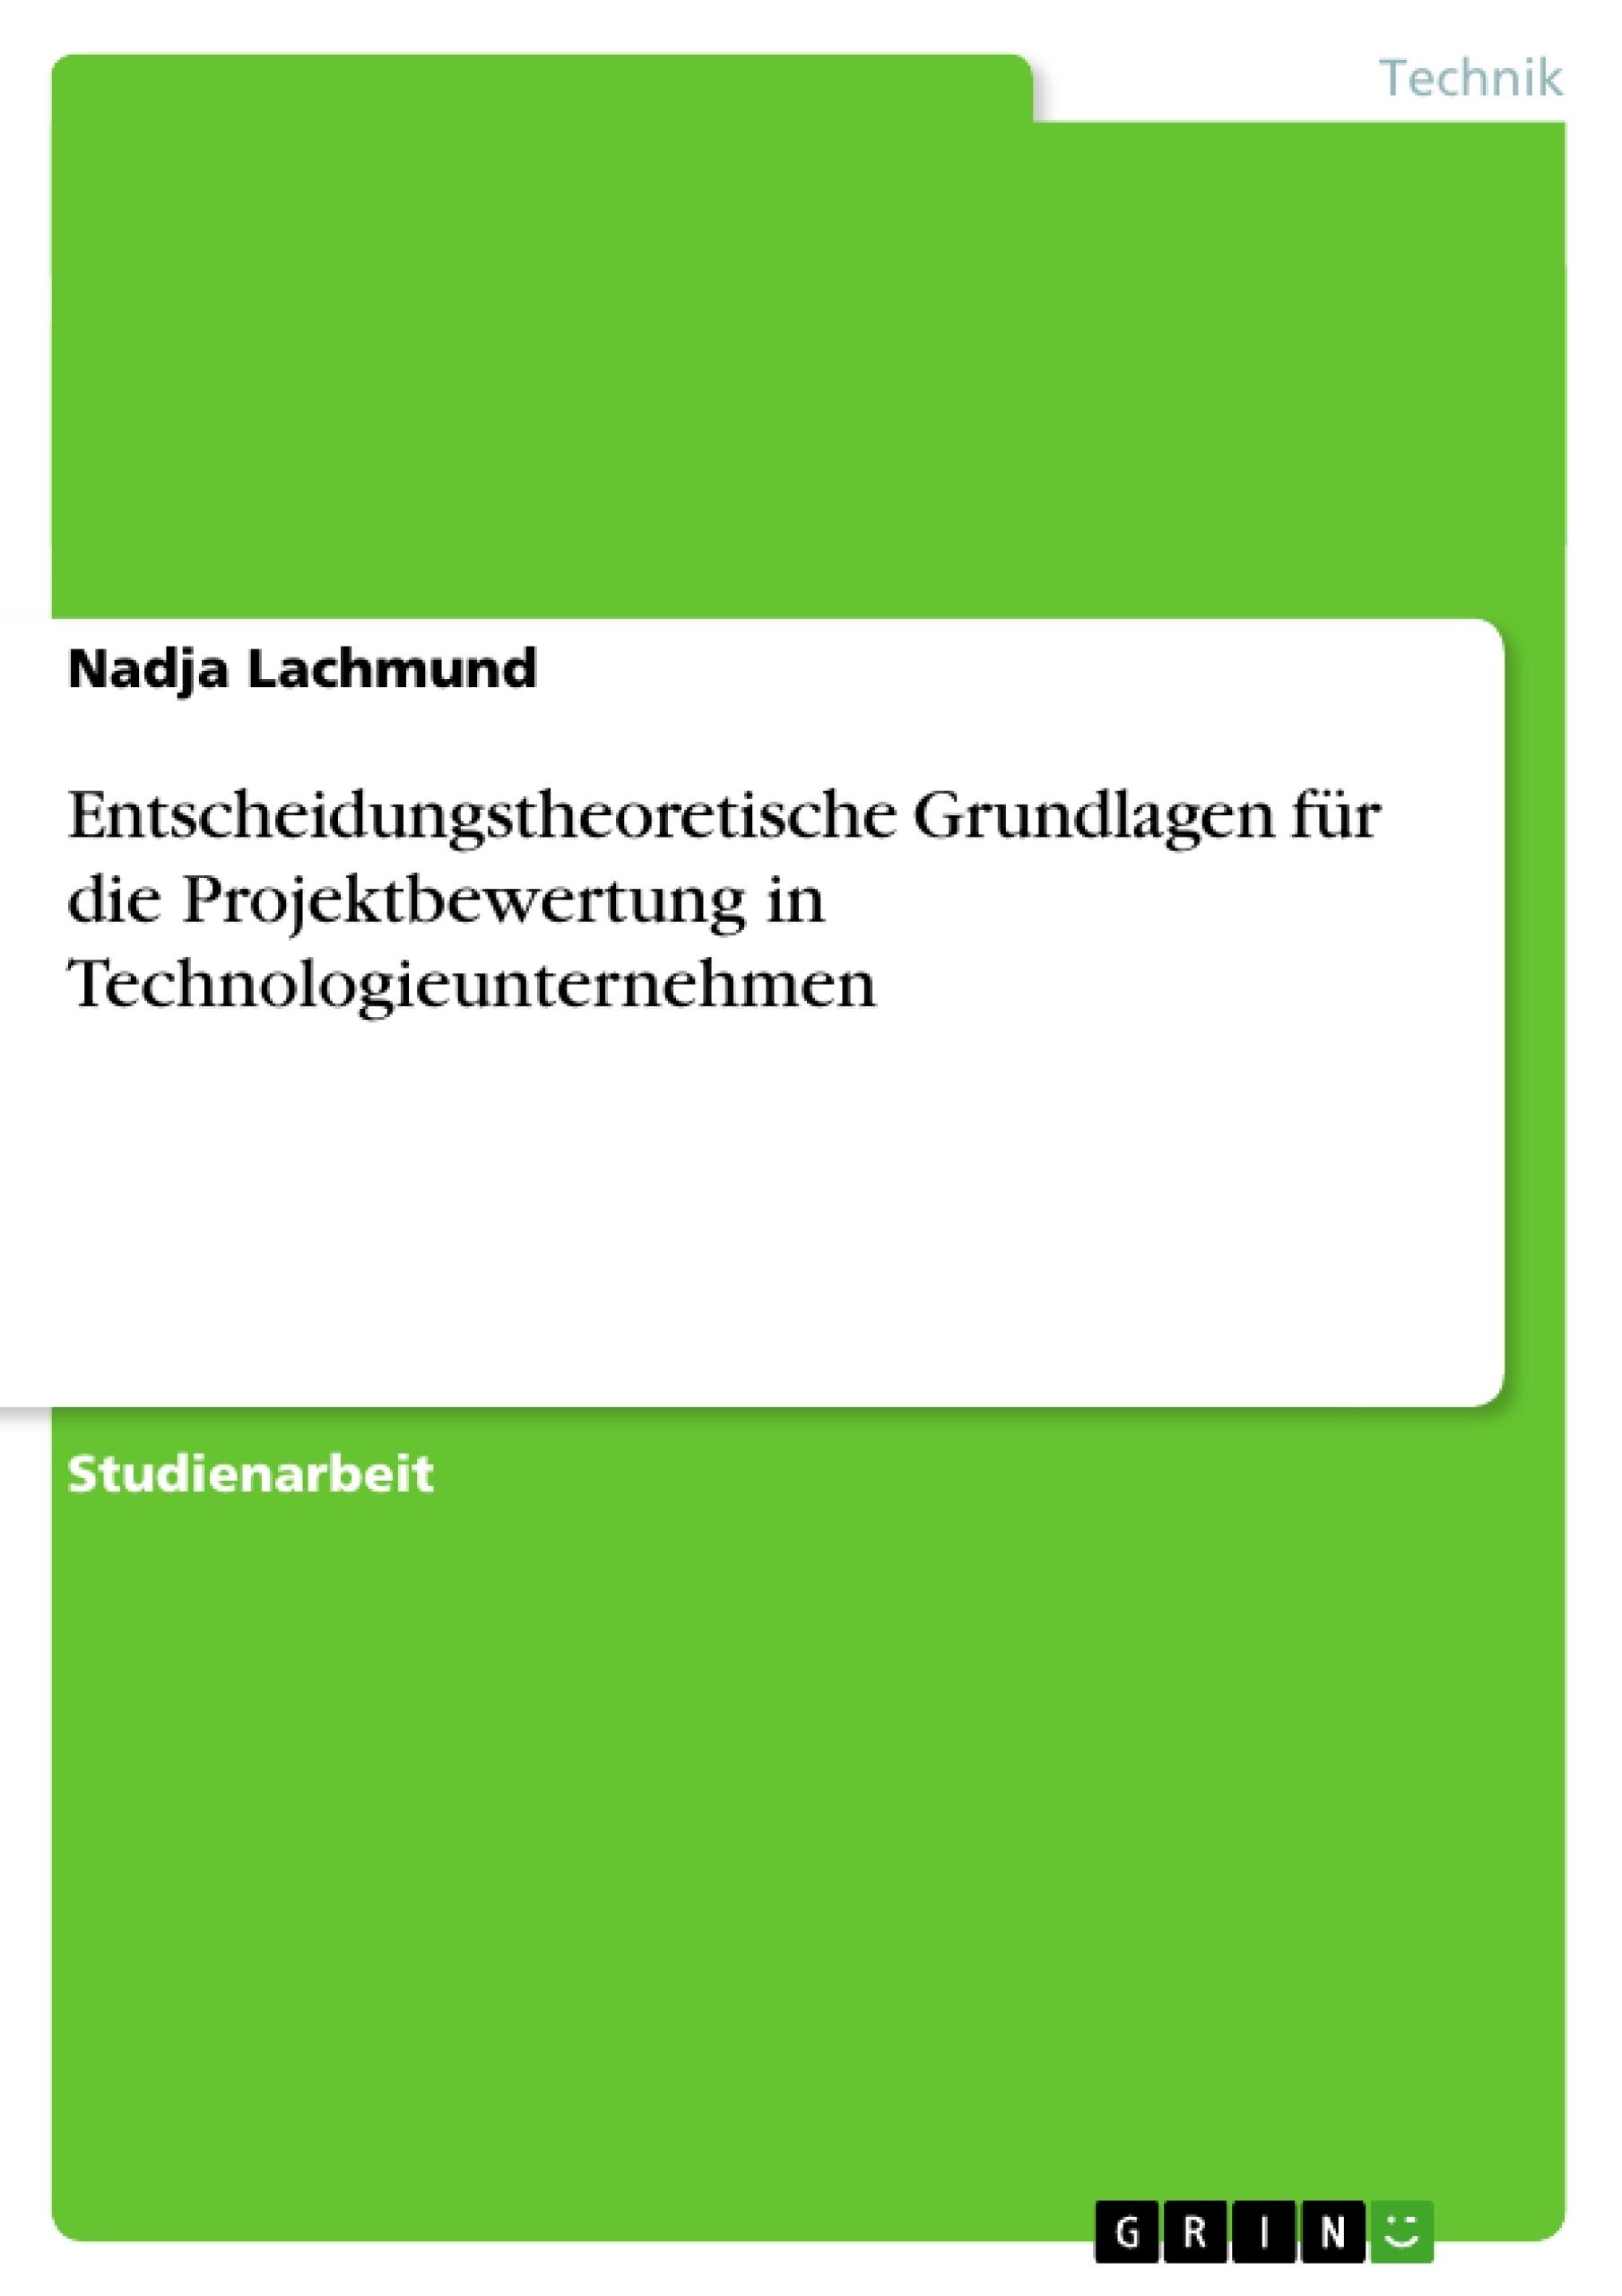 Titel: Entscheidungstheoretische Grundlagen für die Projektbewertung in Technologieunternehmen